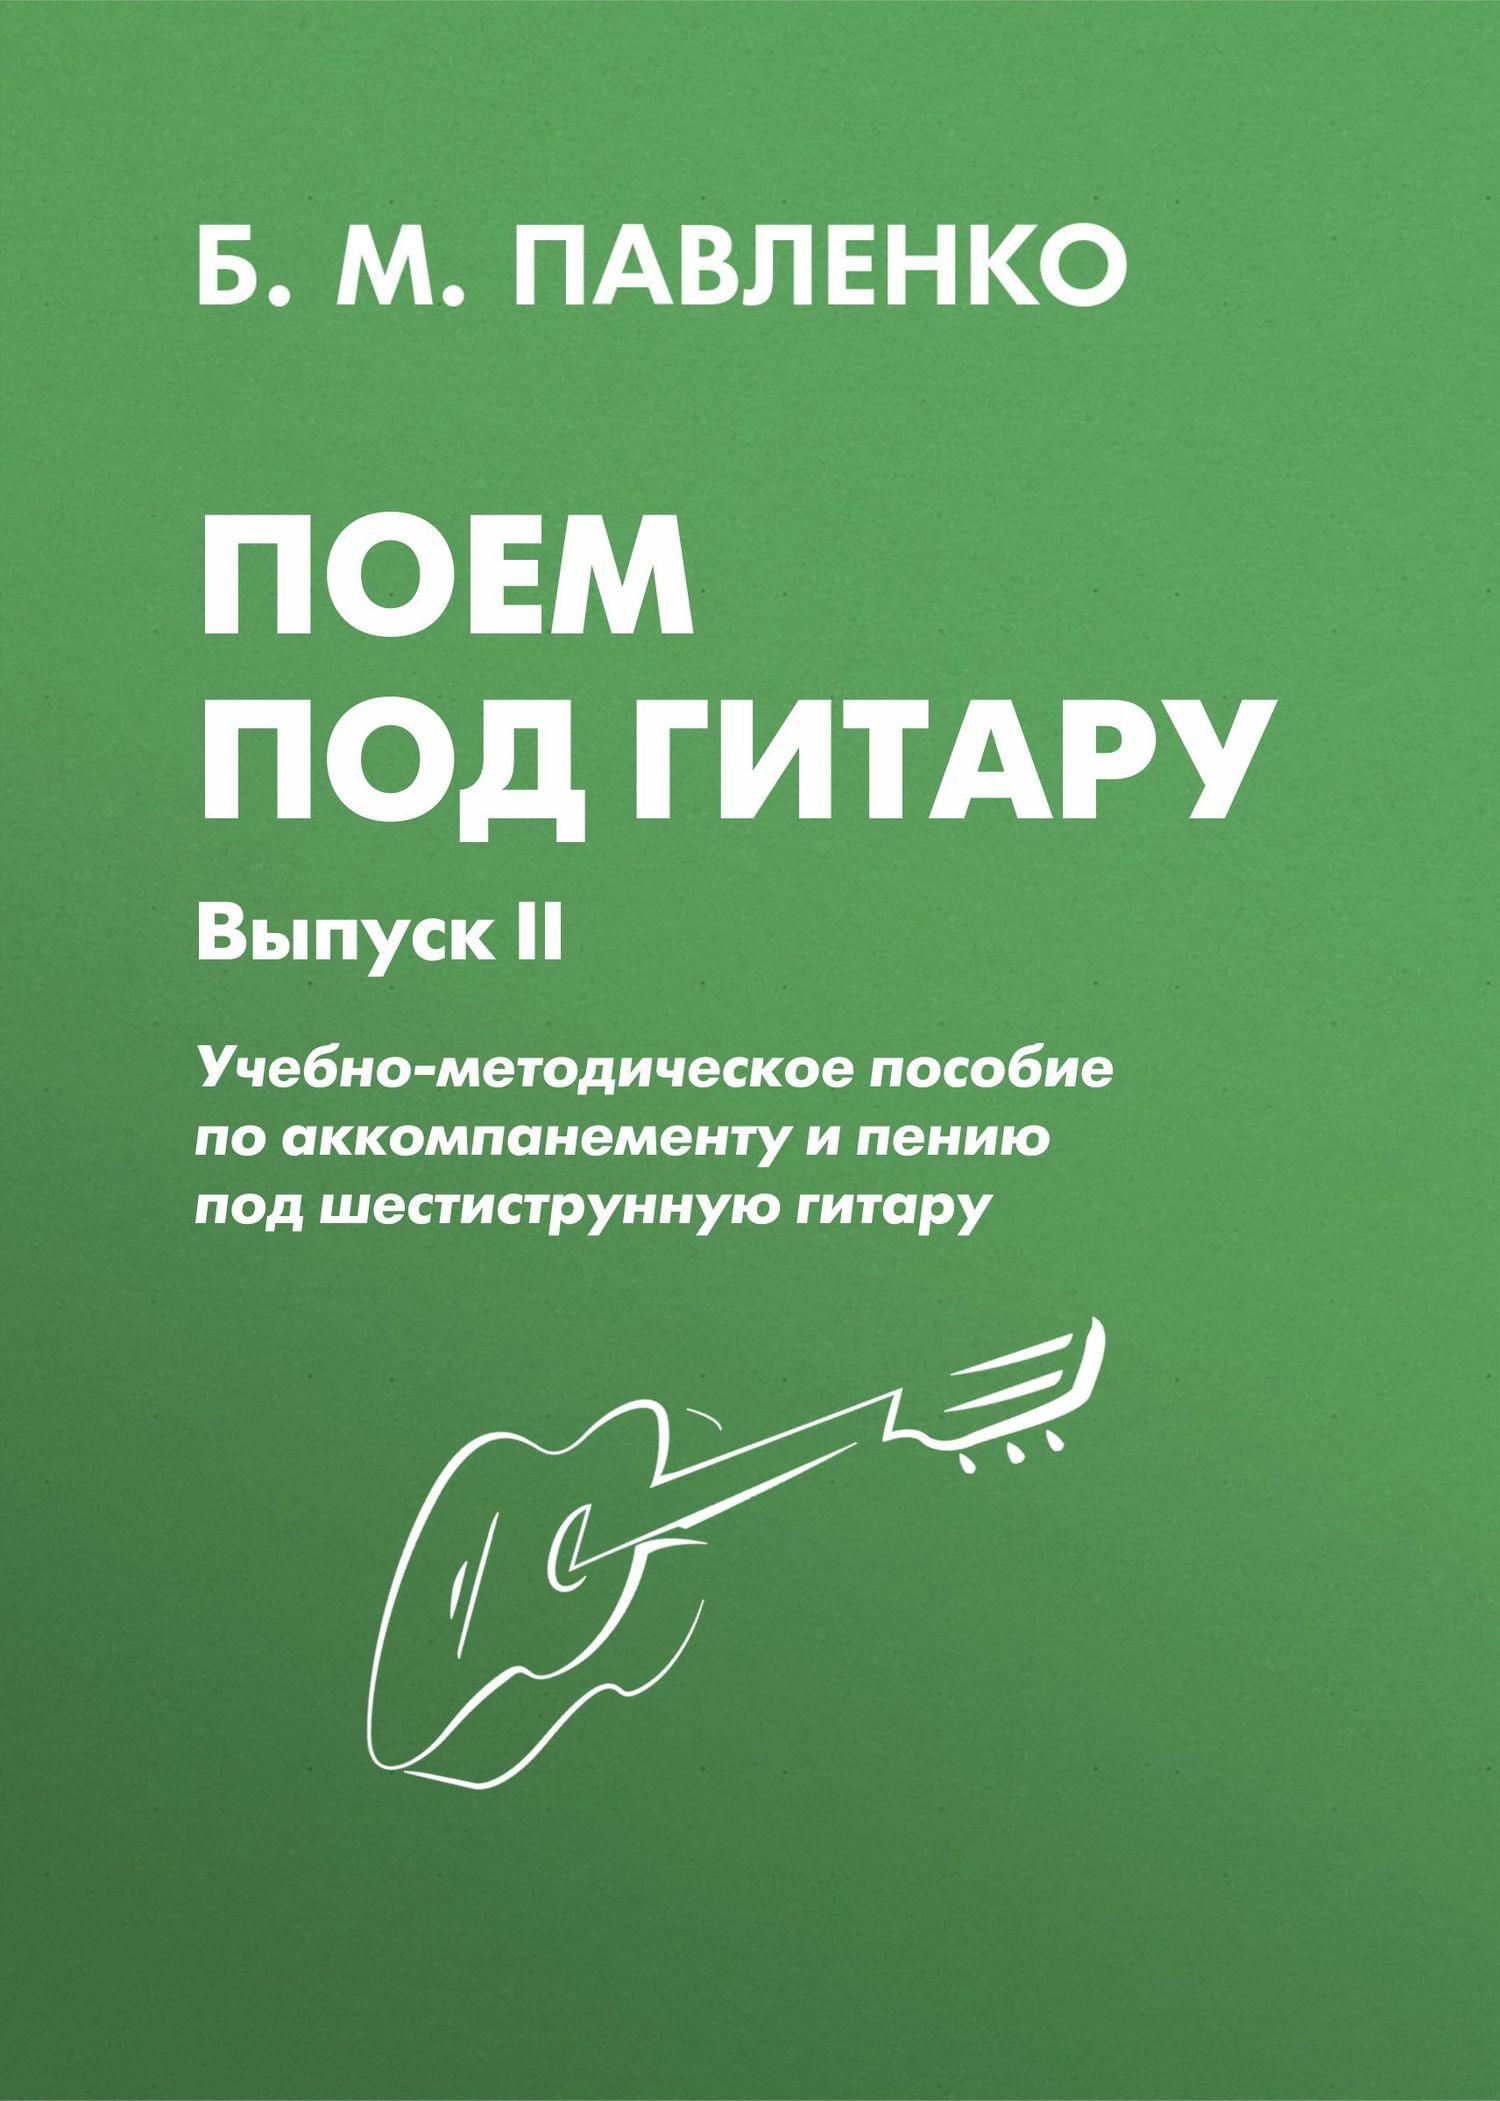 Б. М. Павленко Поем под гитару. Учебно-методическое пособие по аккомпанементу и пению под шестиструнную гитару. Выпуск II американские струны на гитару